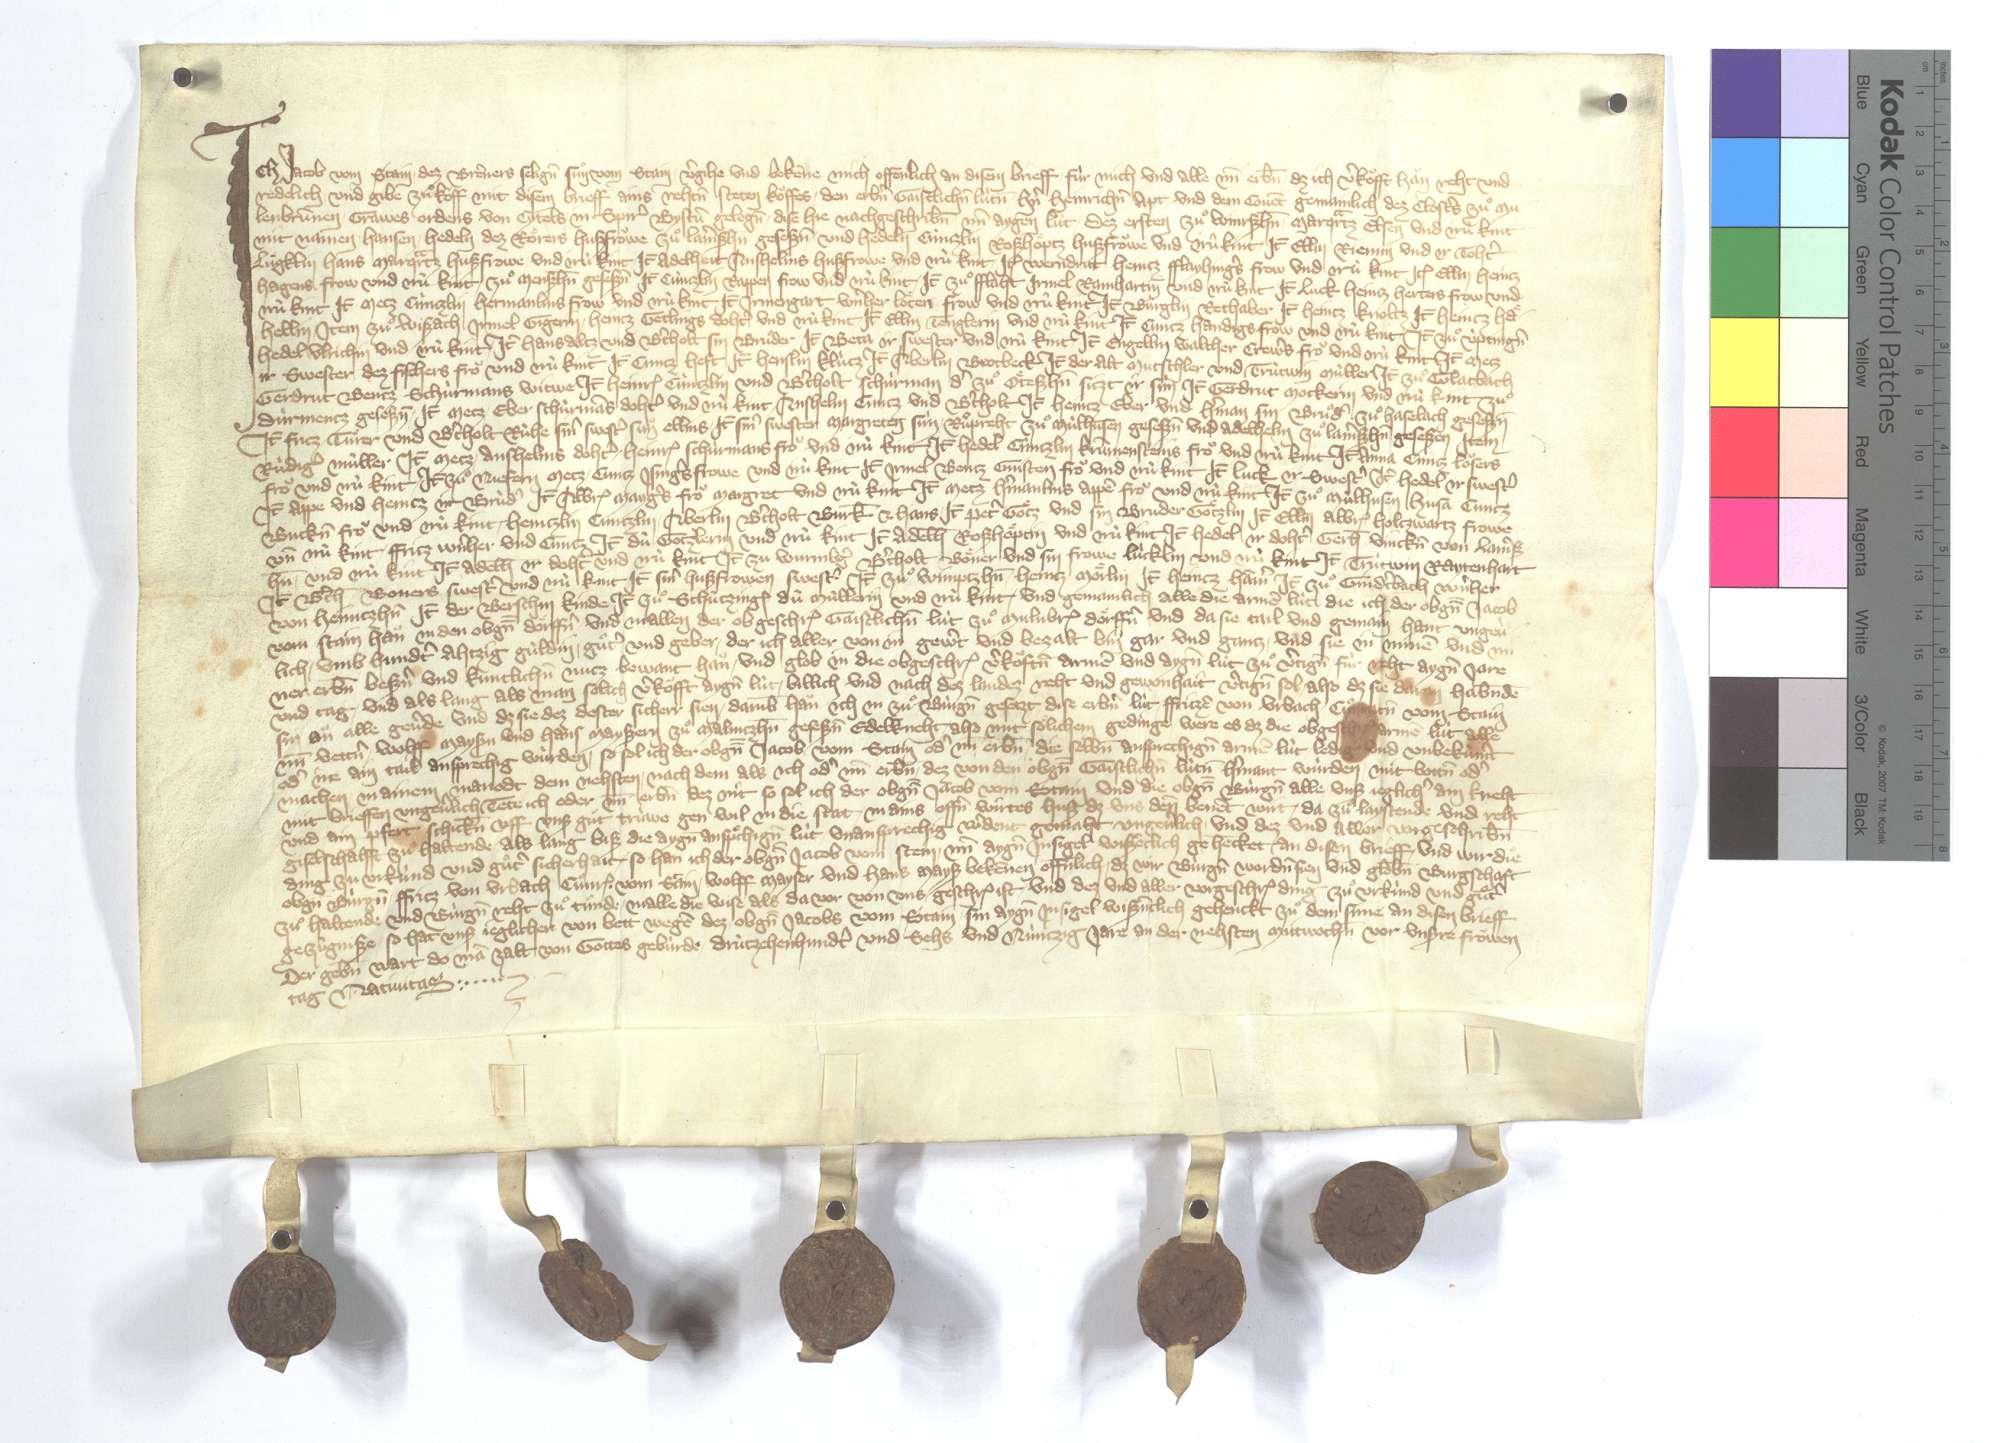 Fertigung des Jacob vom Stein um seine Leibeigenen in Wiernsheim, Flacht, Weissach, Glattbach (Glatbach), Niefern, Wurmberg und Gündelbach., Text